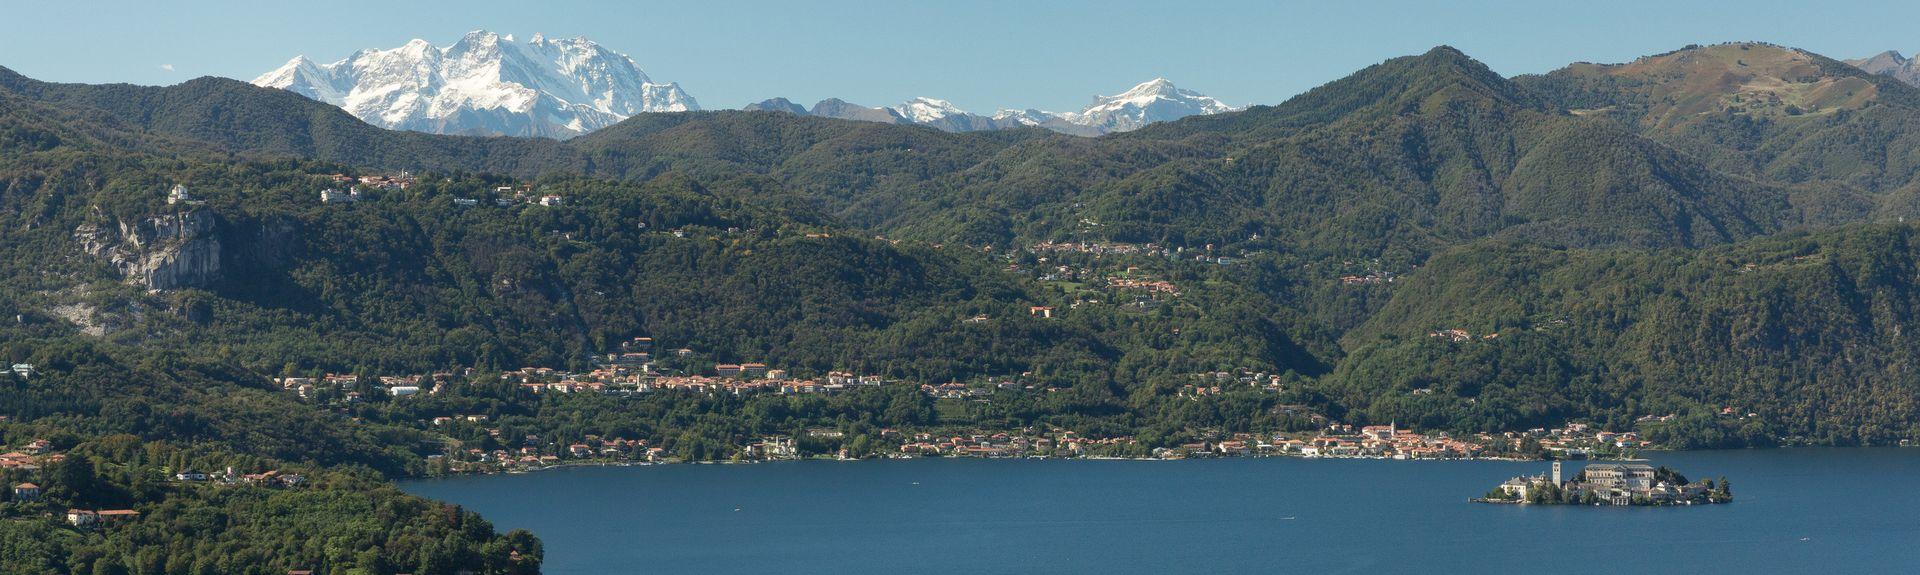 Invorio, Piedmont, Italia